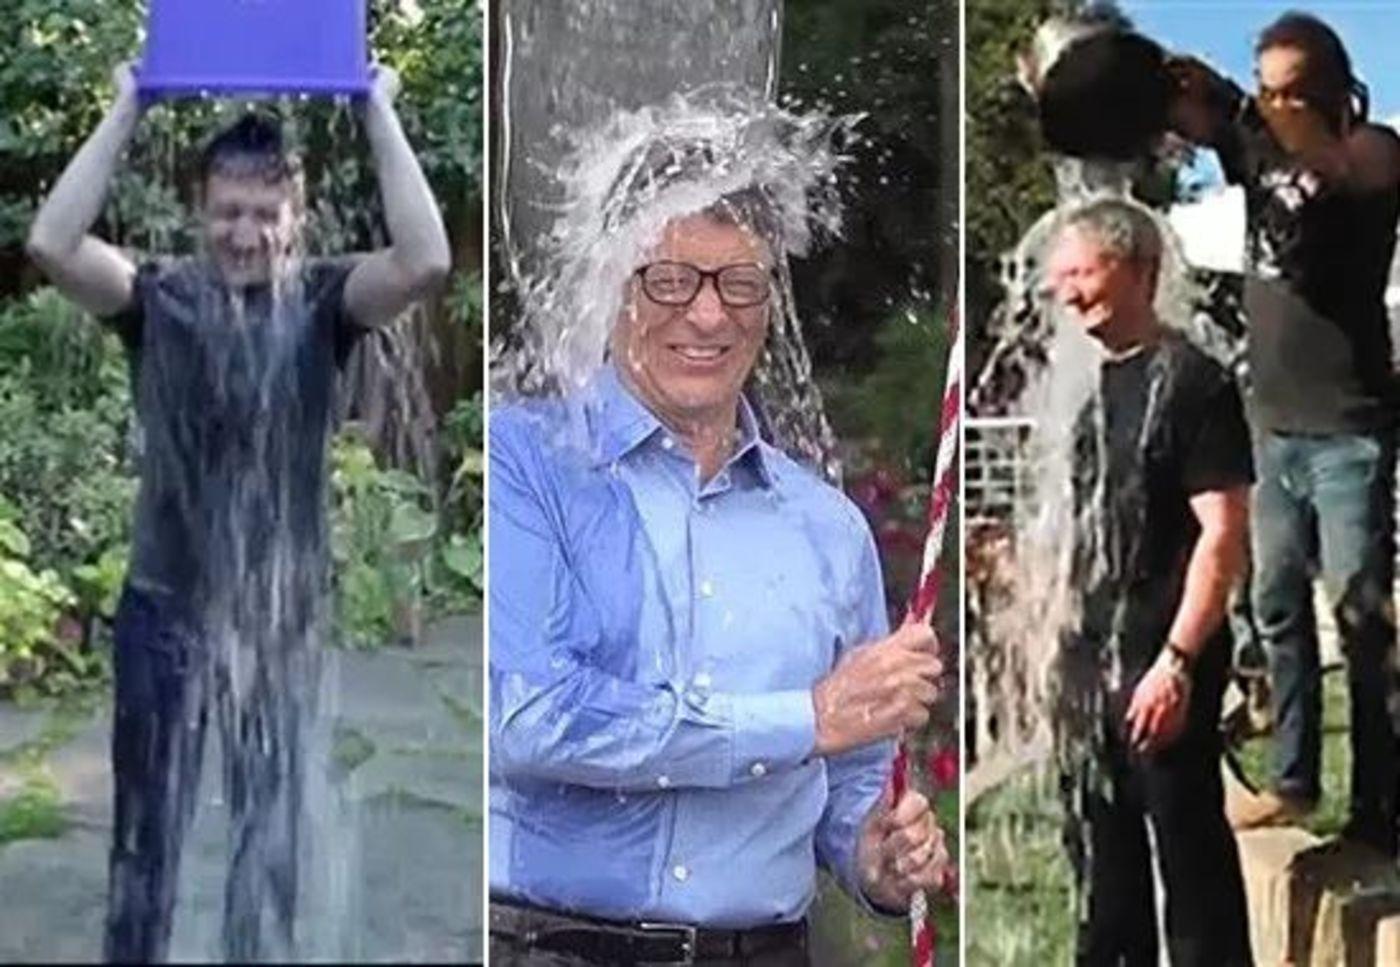 5年前冰桶挑战是为渐冻人症所做的公益营销,瓶盖挑战是通过用户自发创作内容完成全网传播